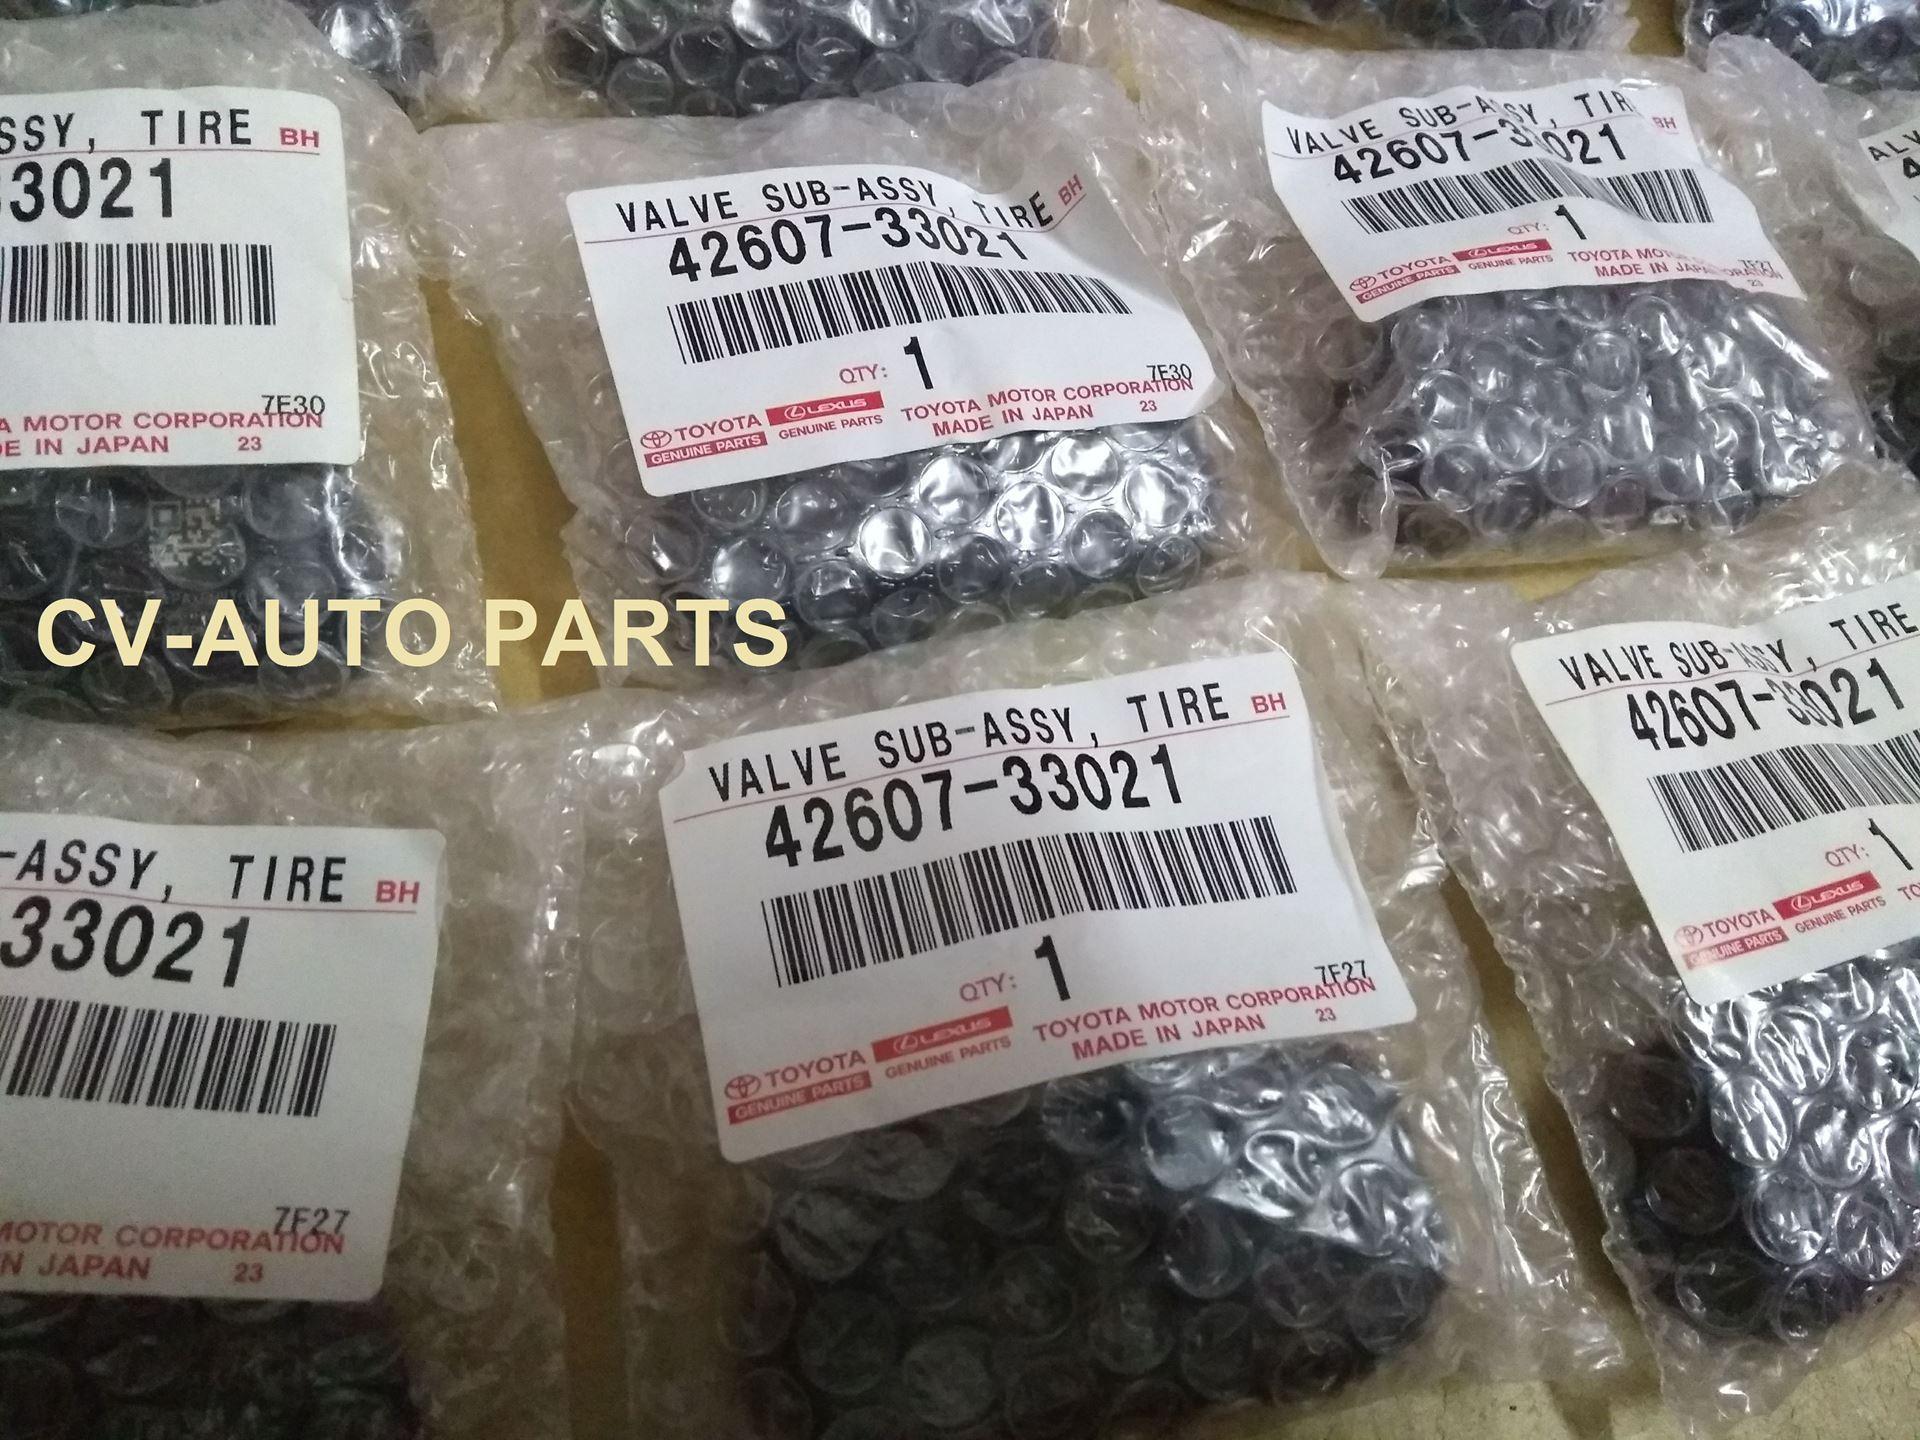 Picture of 42607-33021 Cảm biến áp suất lốp Toyota Lexus chính hãng